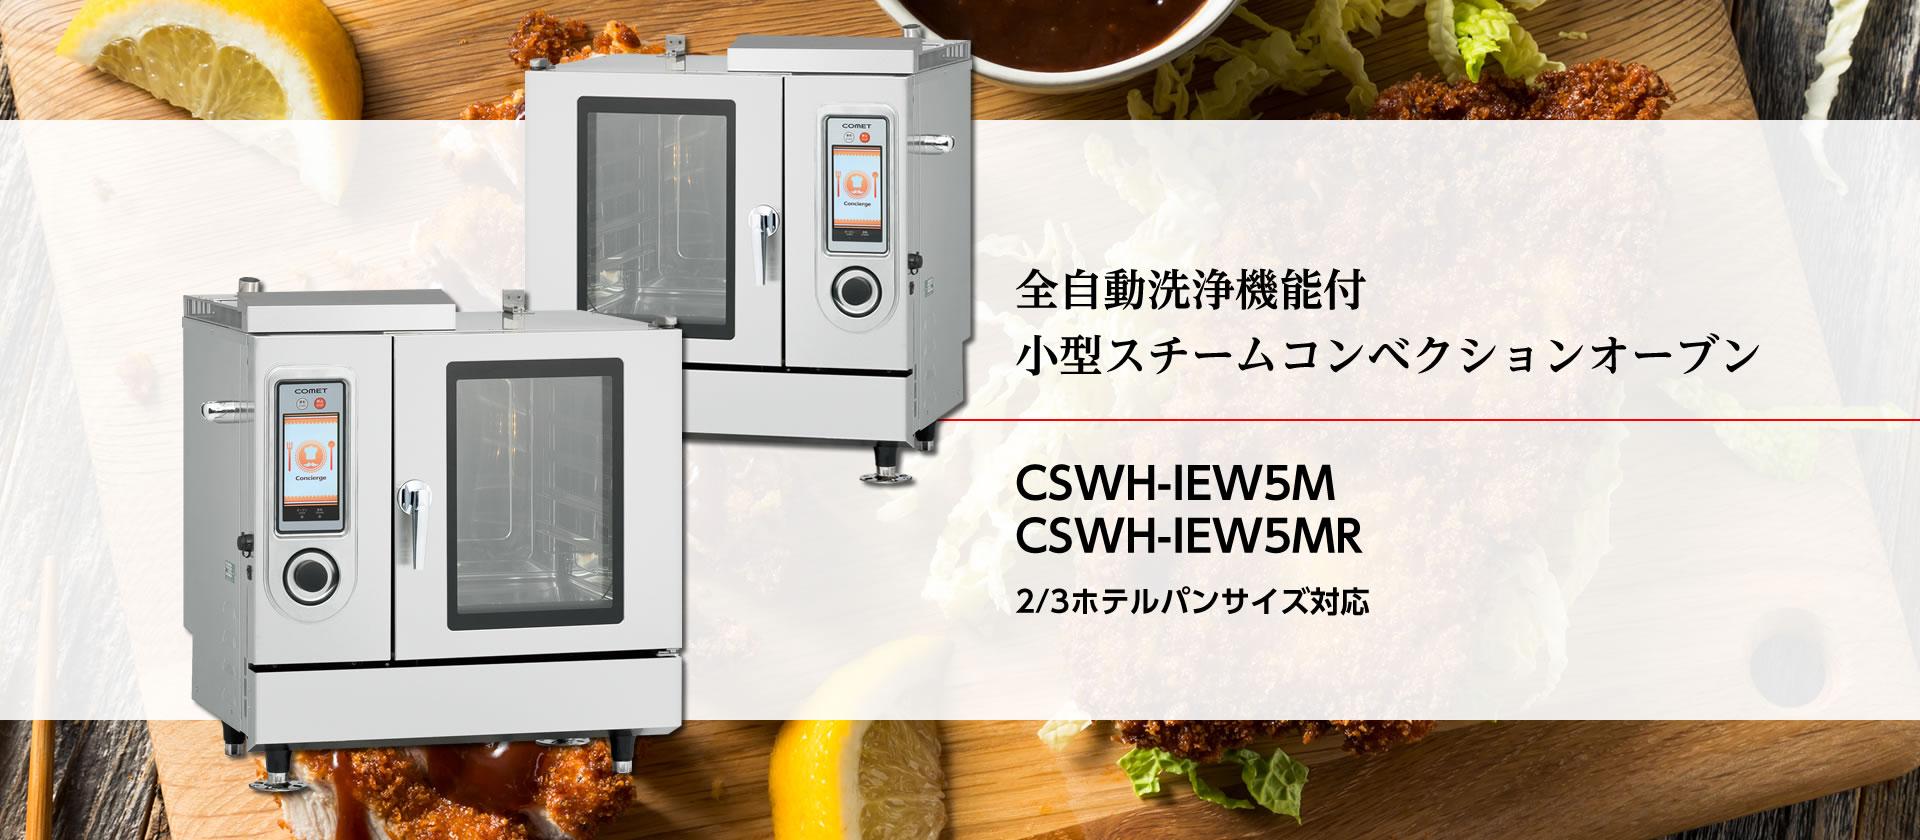 全自動洗浄機能付小型スチームコンベクションオーブン